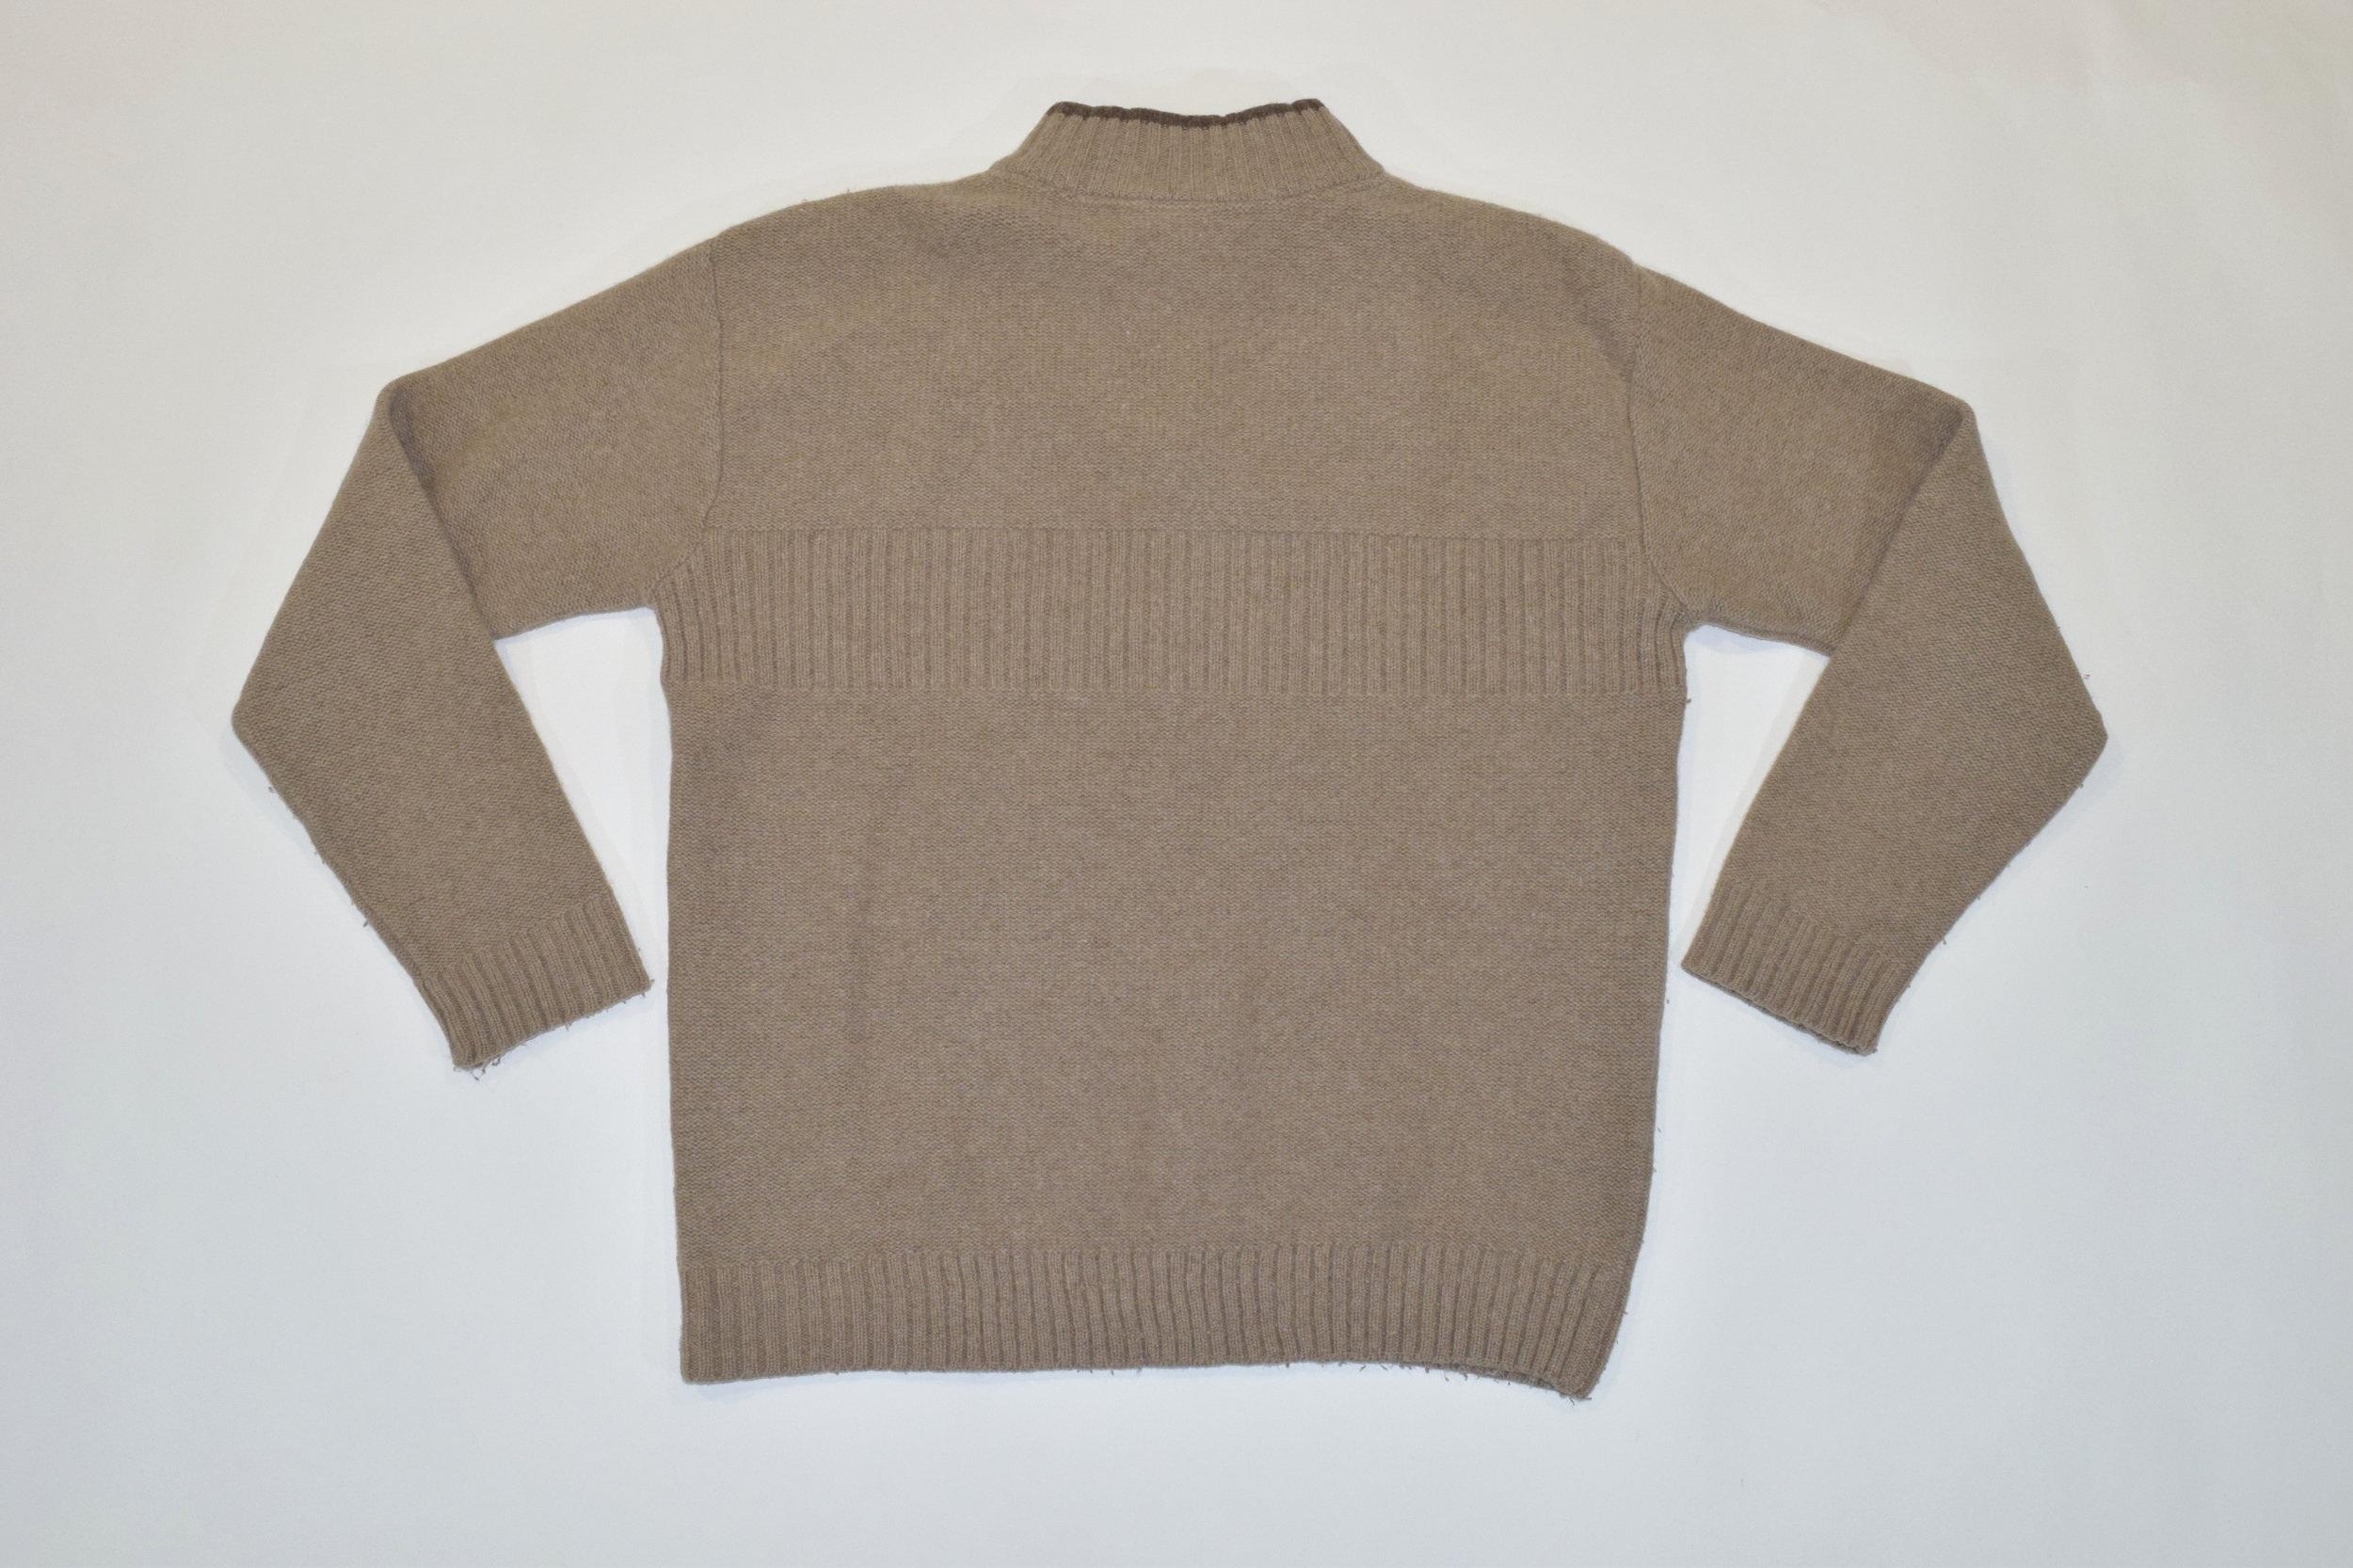 3eb7e0c9b4f53b Light Brown Fila 1/4 Zip Knit Jumper — Headlock Vintage